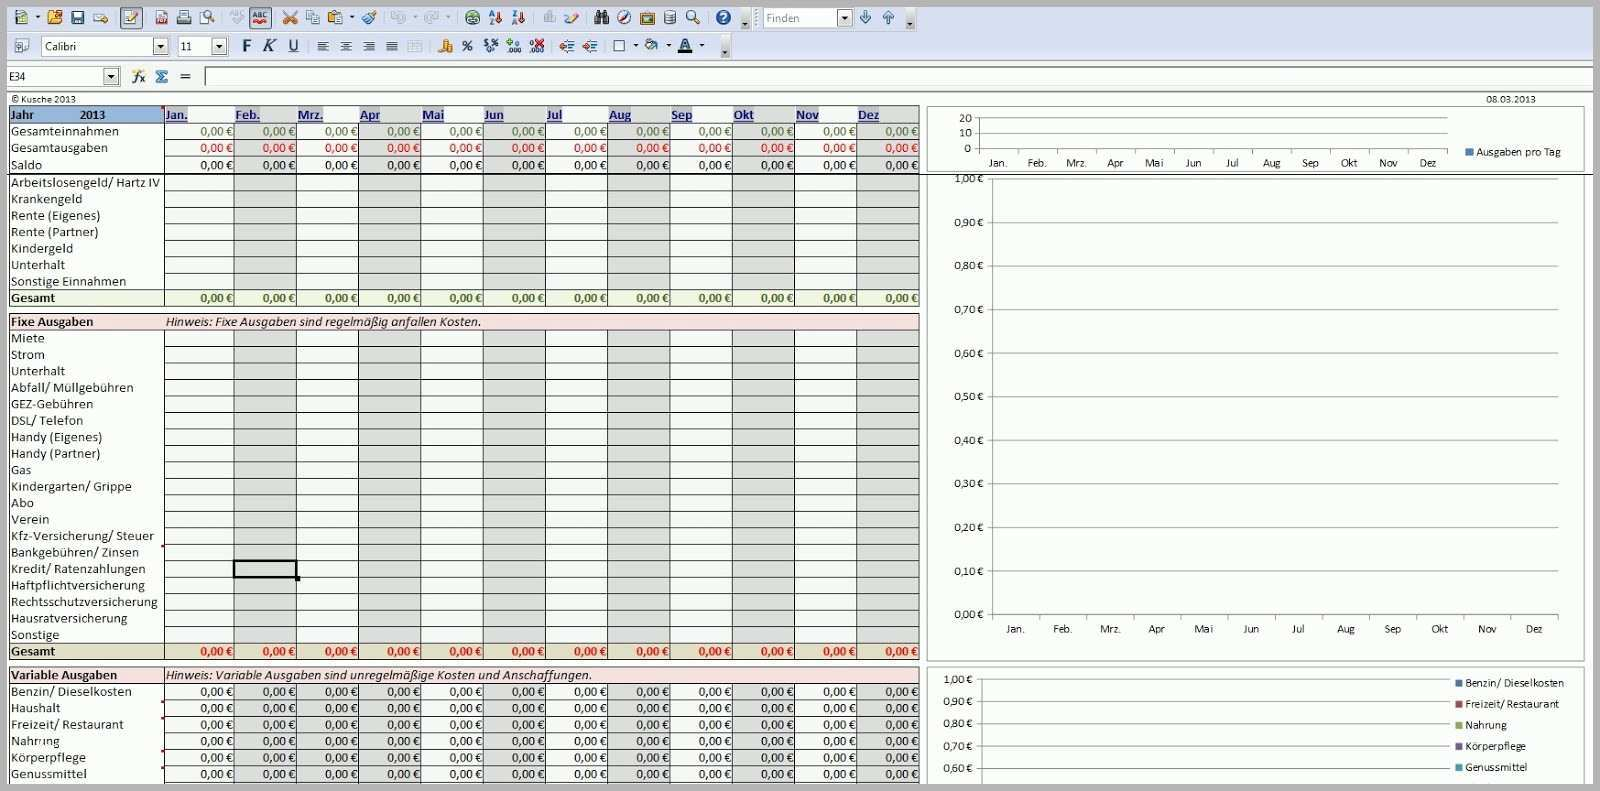 Atemberaubend Haushaltsbuch Excel Vorlage Kostenlos 2014